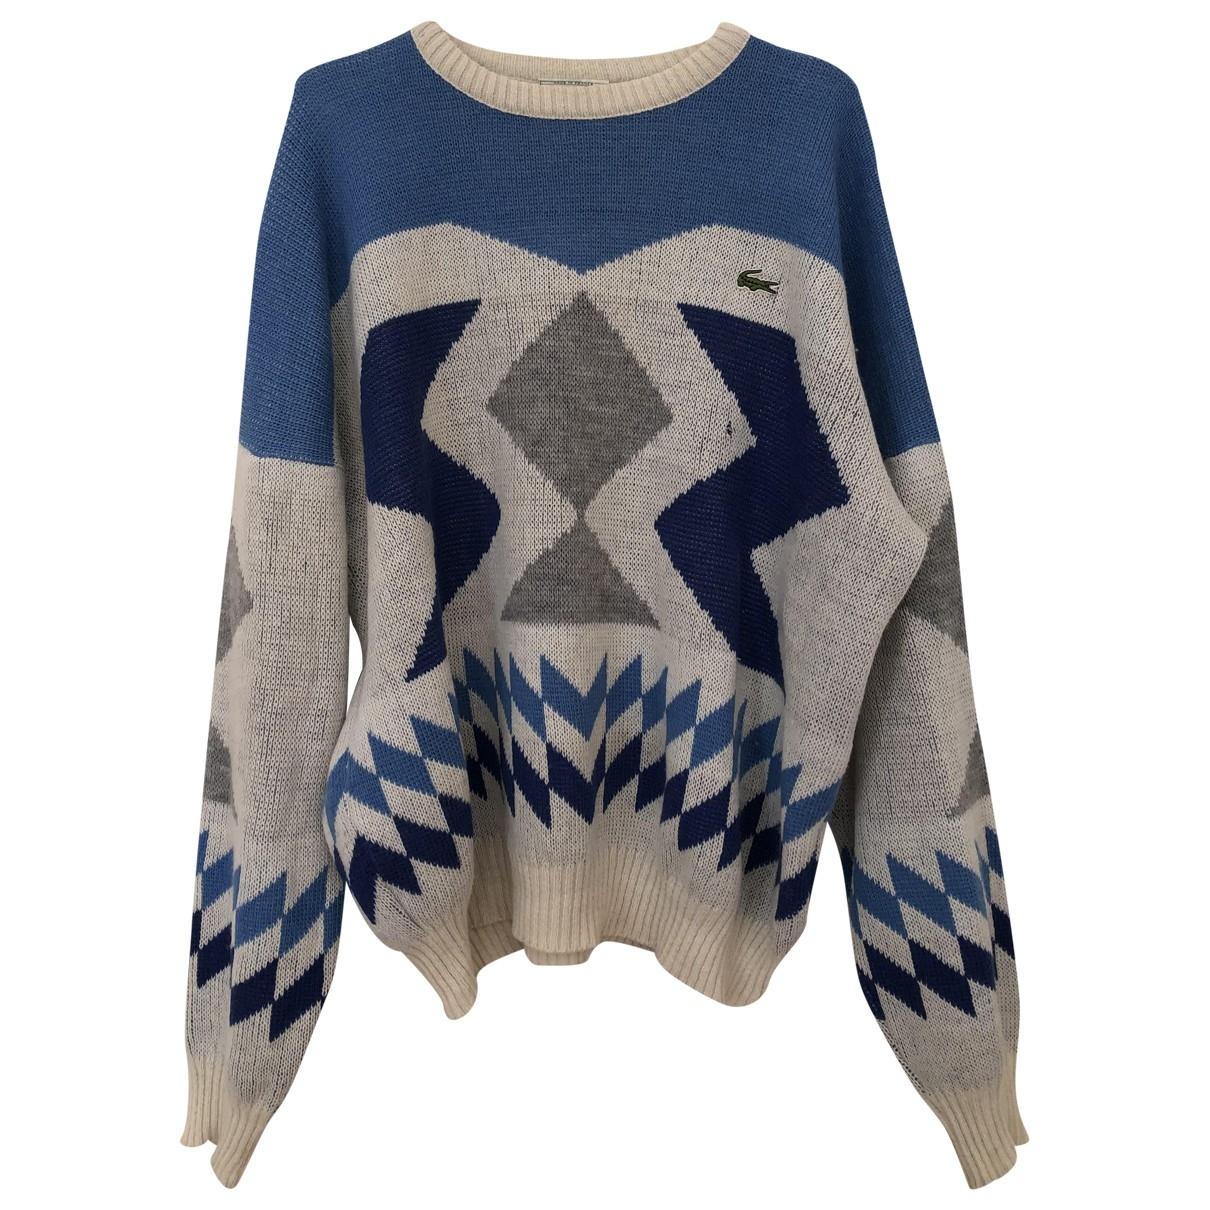 Lacoste - Pulls.Gilets.Sweats   pour homme en laine - multicolore